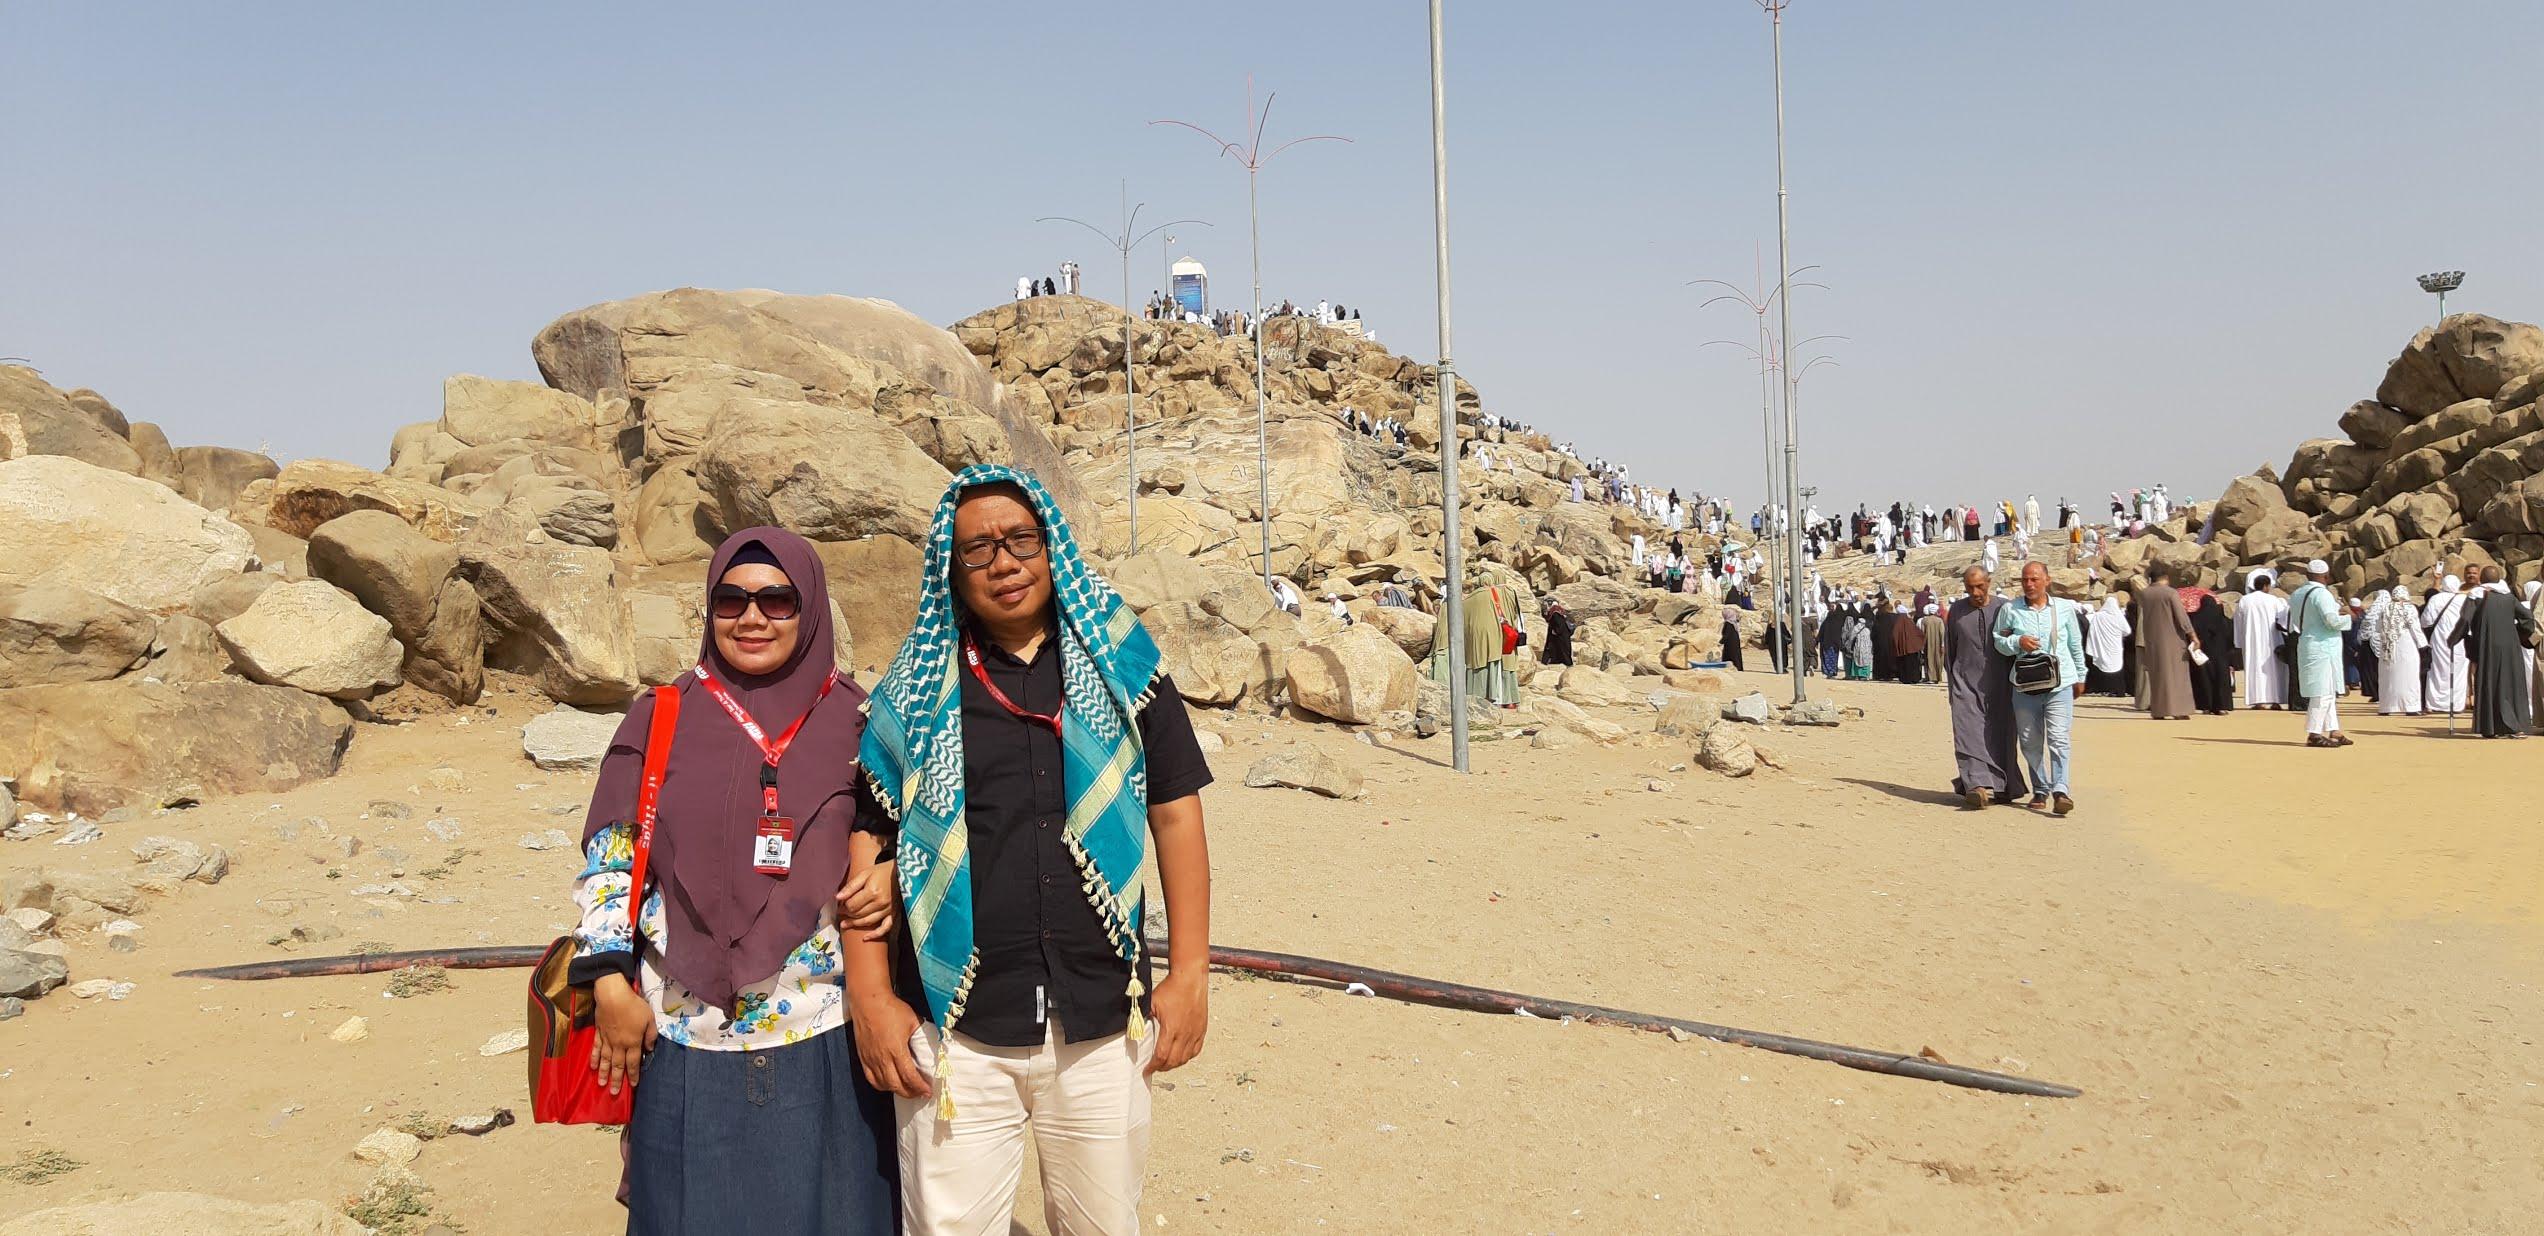 berkunjung ke jabal rahmah bukit kasih sayang di padang arafah umroh nurul sufitri travel lifestyle blogger alhijaz indowisata arab saudi review